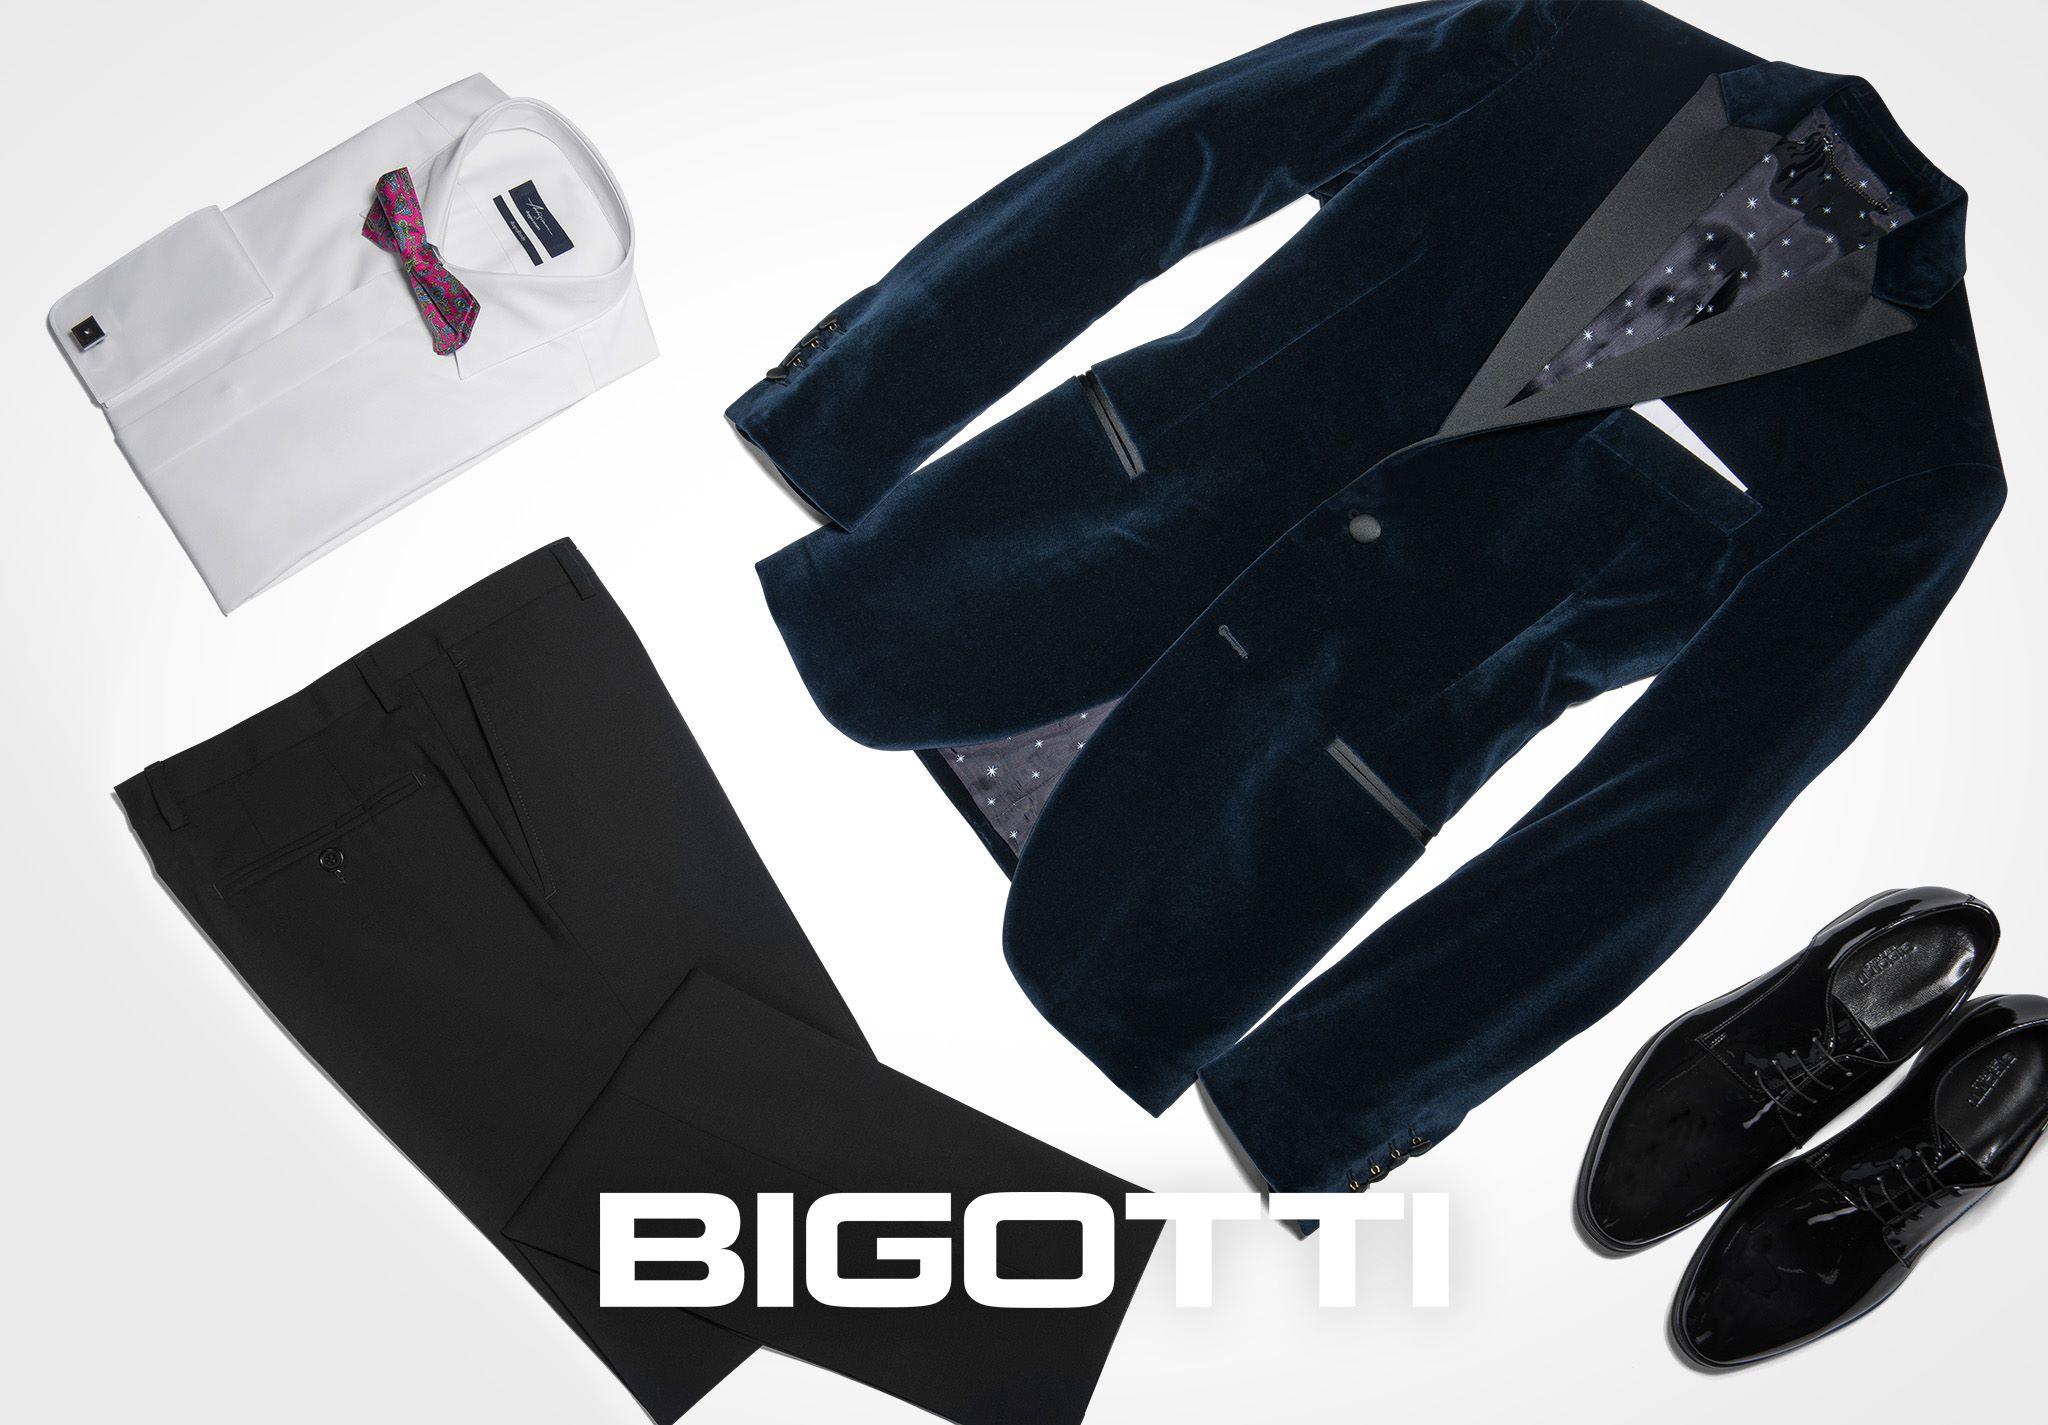 bigotti-27-12